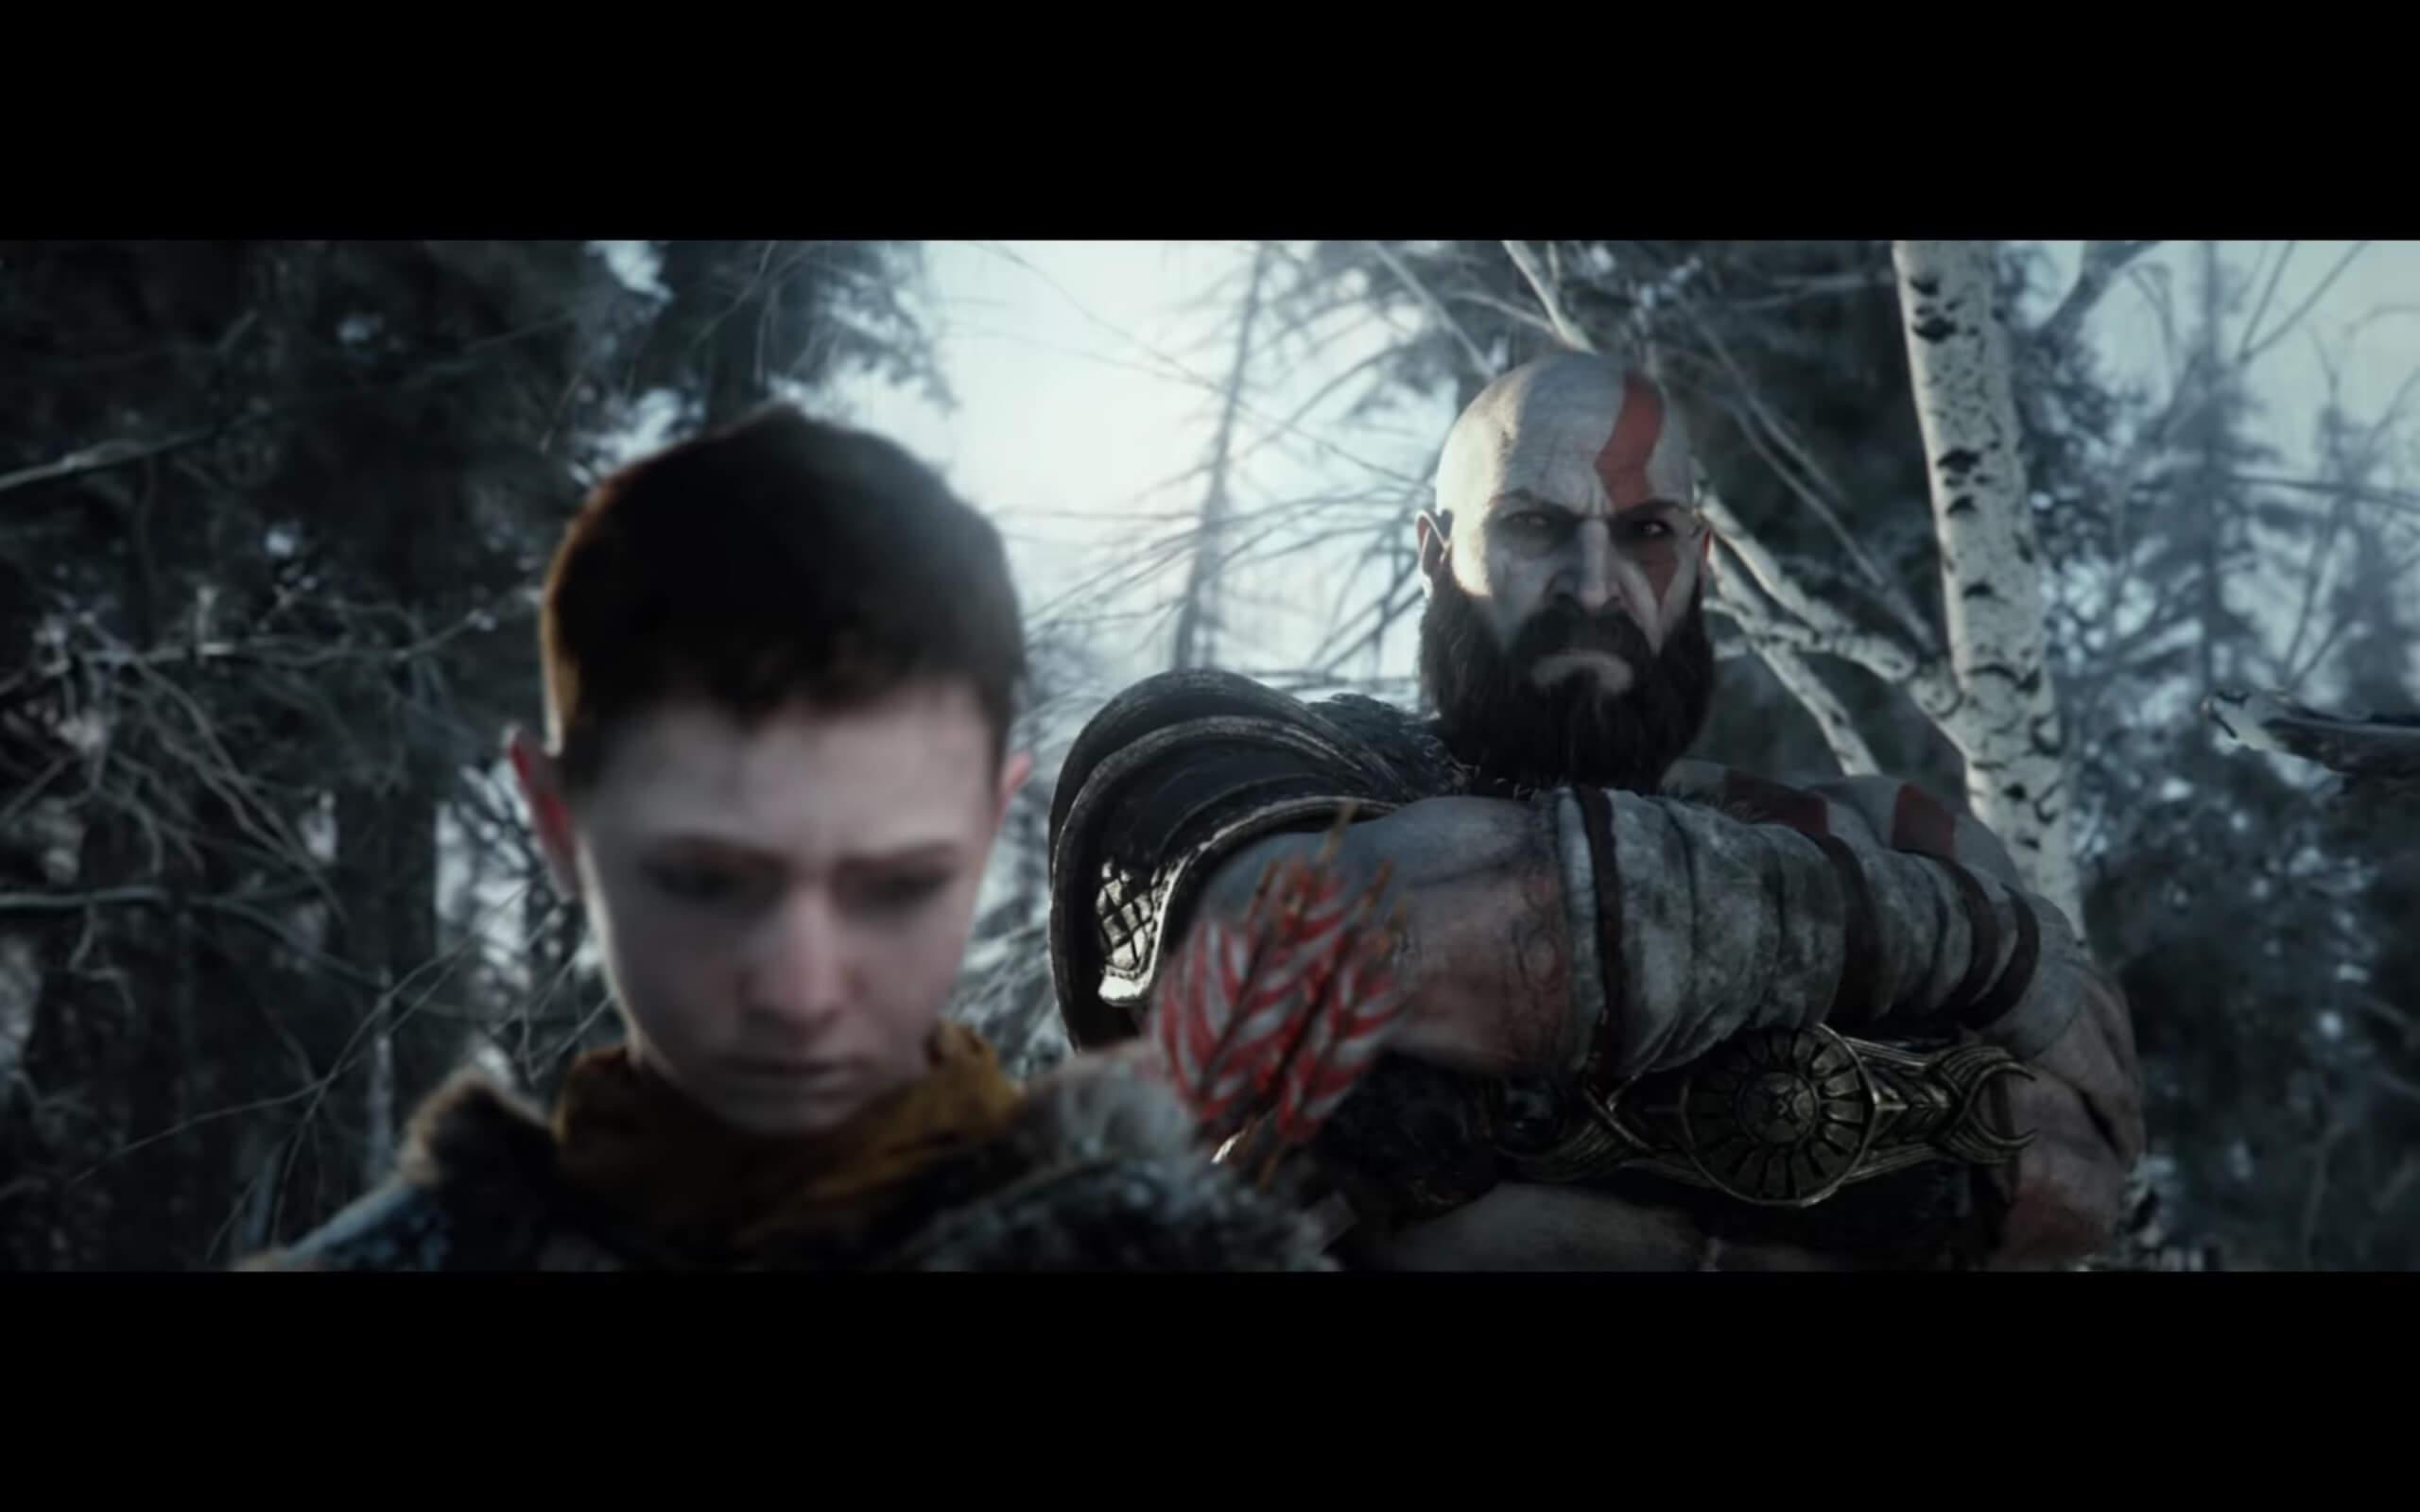 ゴッドオブウォー最新トレーラー映像「戦いの旅路」が公開。クレイトスが親父っぽいことしてる!